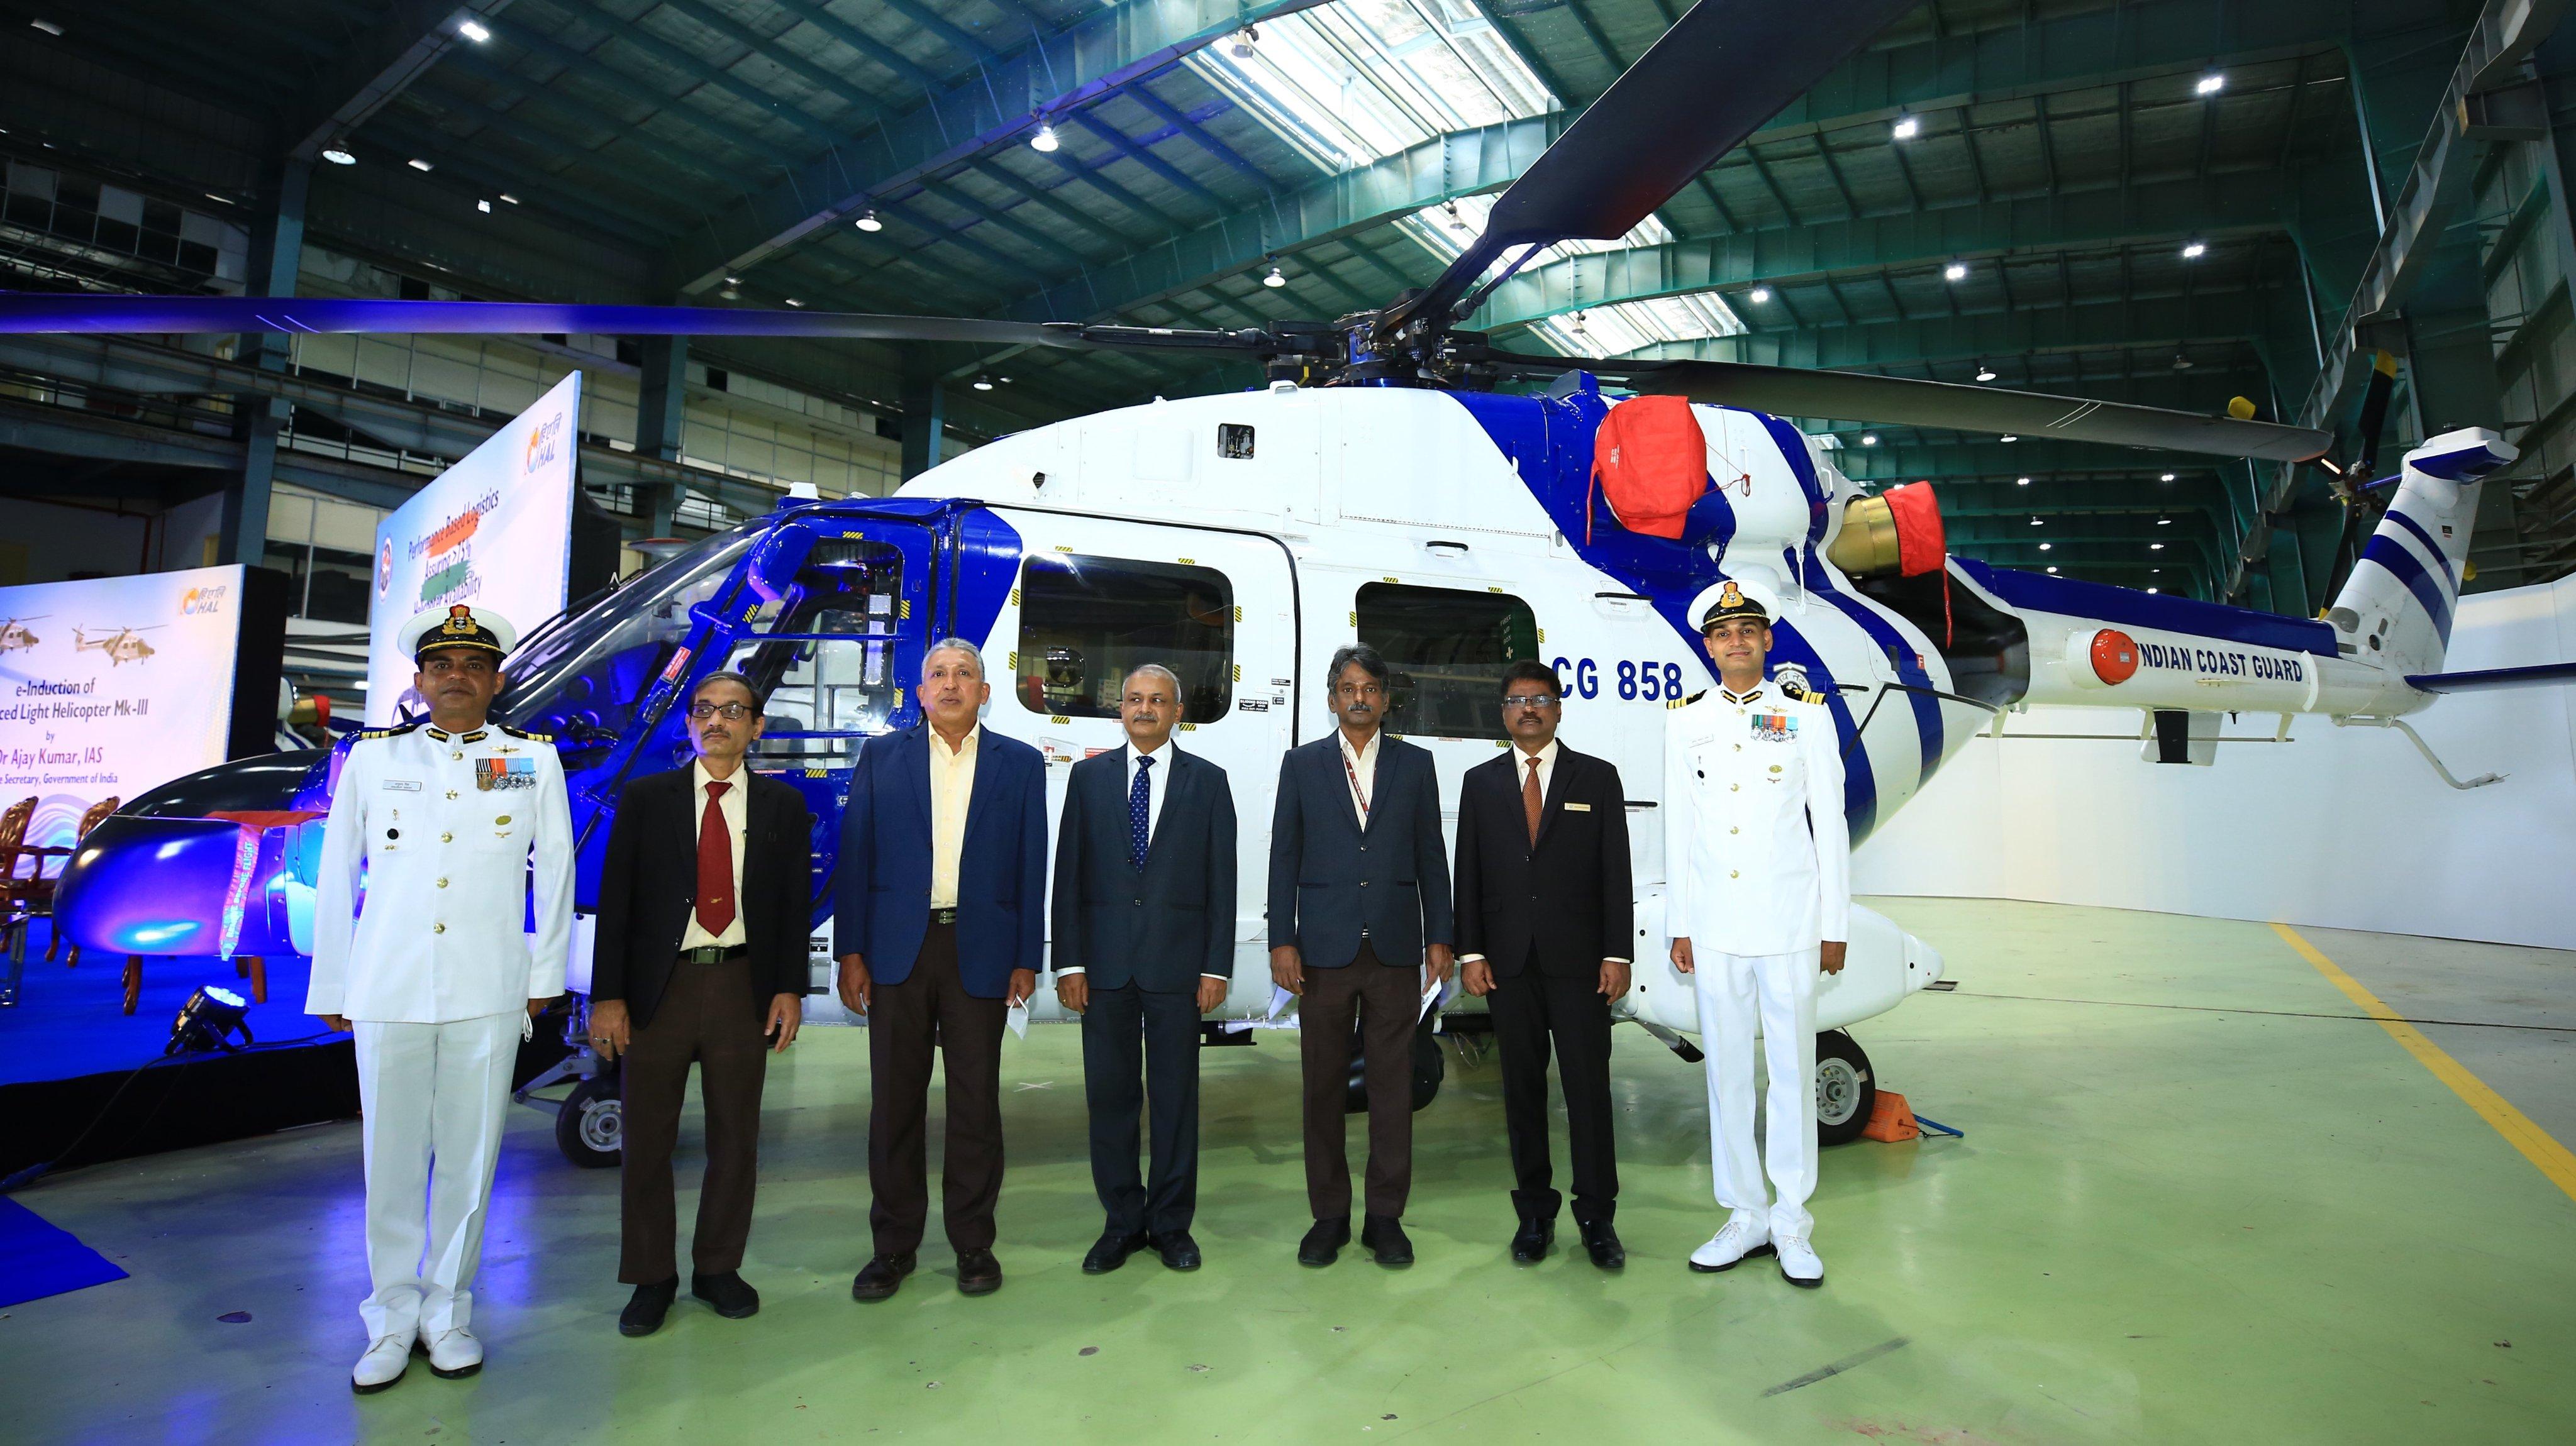 तटरक्षक बल ने उन्नत हल्के हेलीकॉप्टर एएलएच एमके-III को शामिल करके अपनी विमानन शाखा में नए आयाम जोड़े